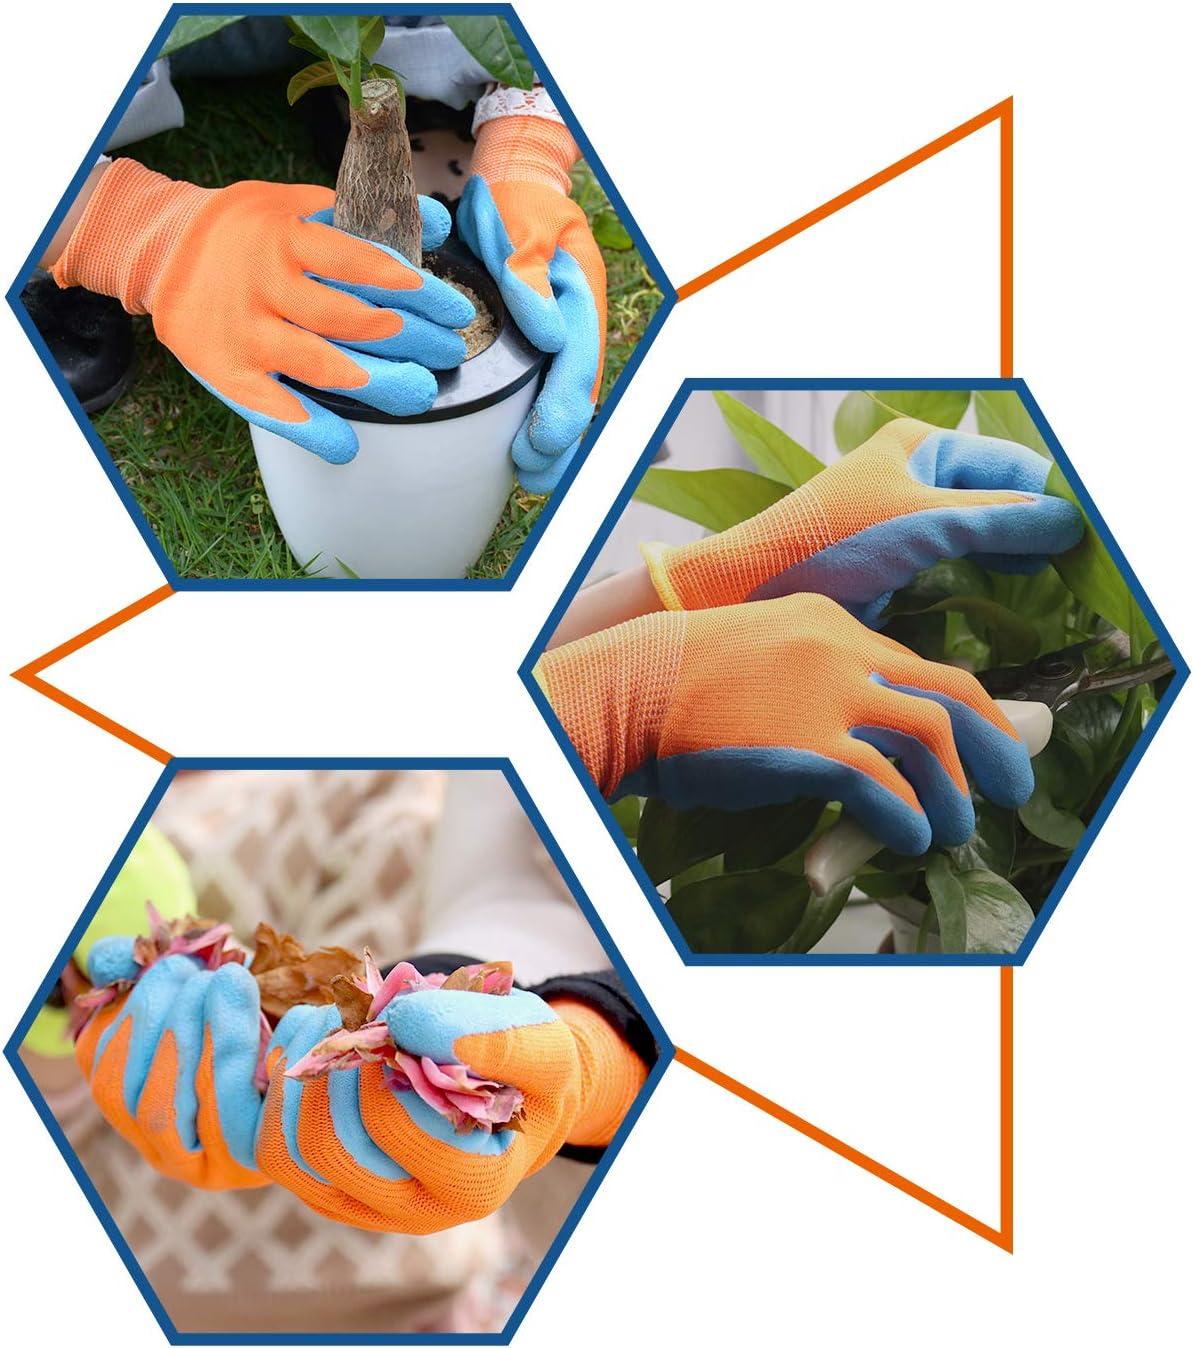 de 4 a 5 a/ños y de 6 a 13 a/ños de edad guantes de trabajo para ni/ñas y ni/ños con revestimiento de goma de espuma 2 pares de guantes de jardiner/ía para ni/ños de 2 a 3 a/ños